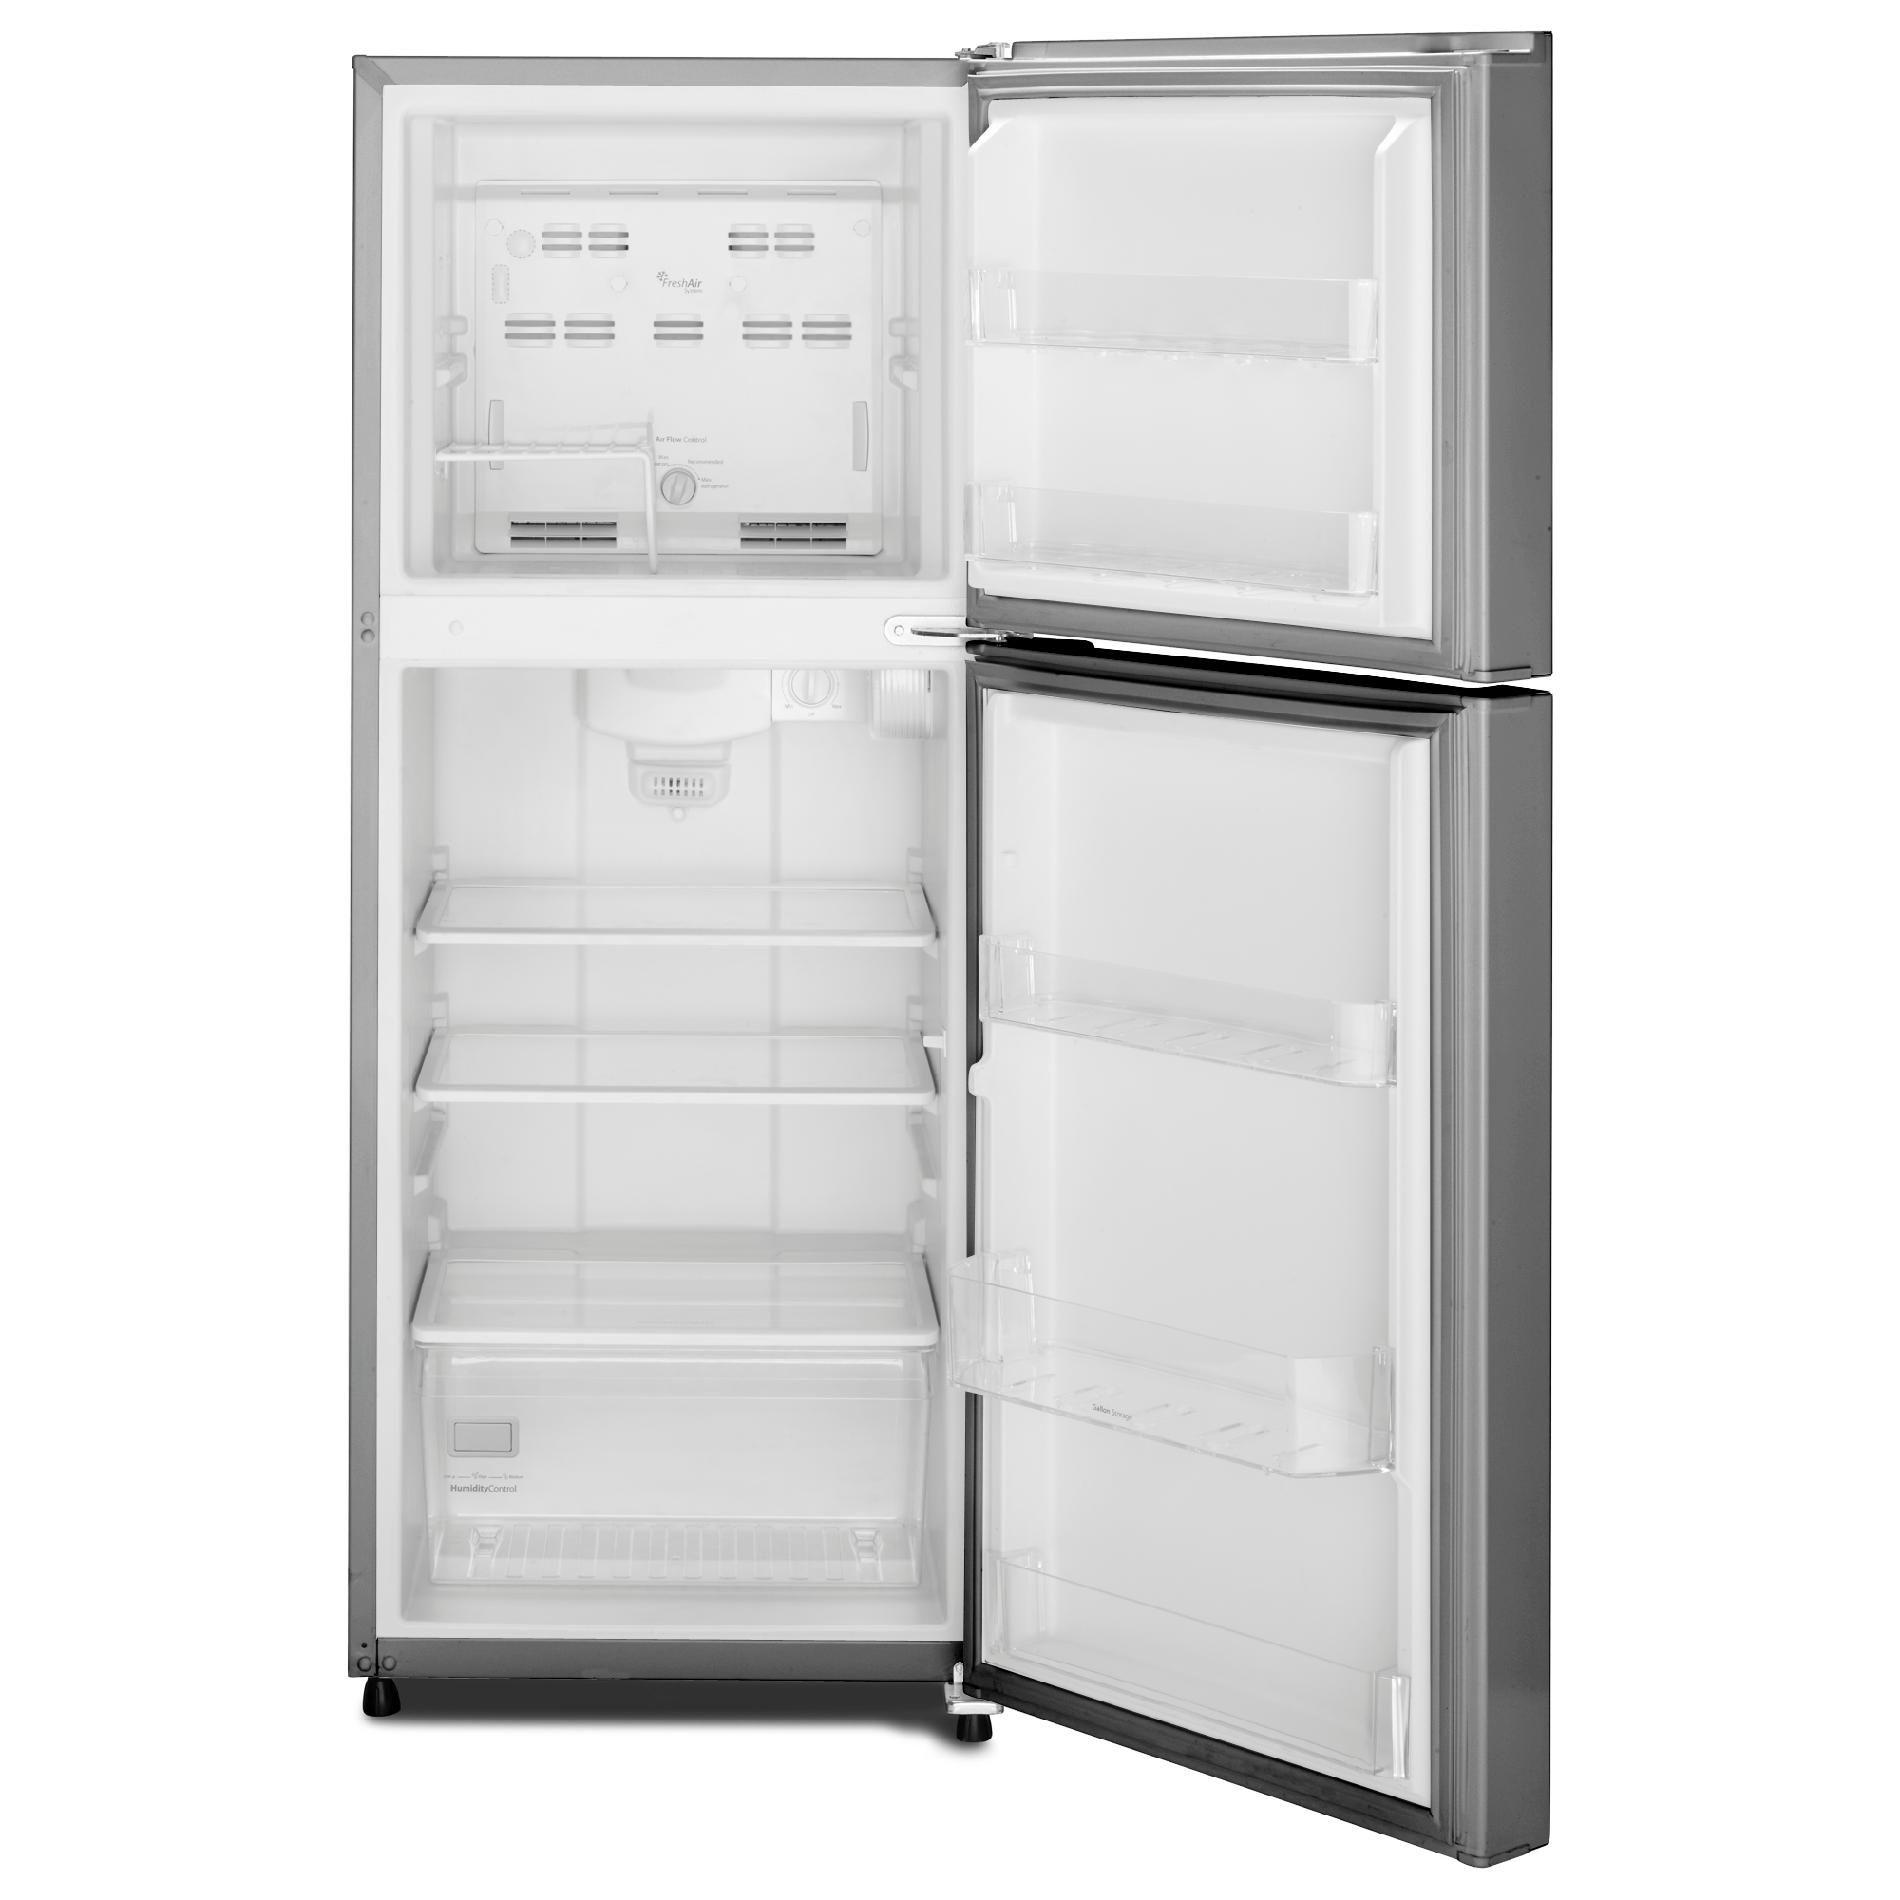 Whirlpool 10.7 cu. ft. Top-Freezer Refrigerator w/ Gallon Door Bin - Mono Satina Steel